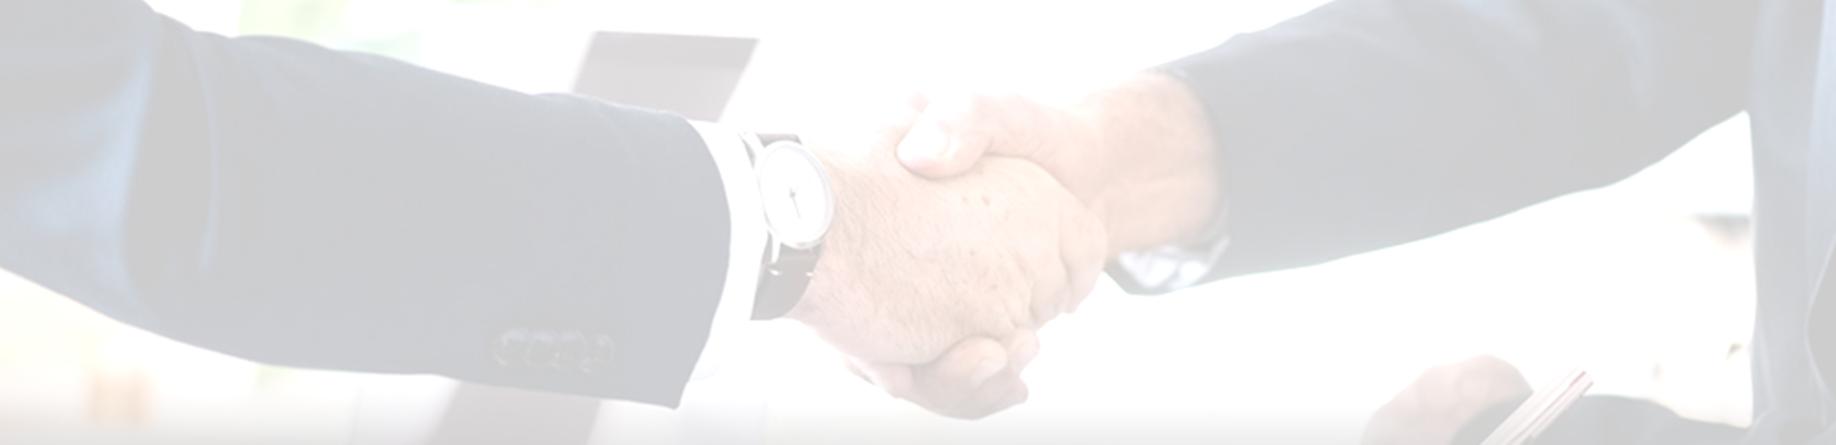 Handshake grey narrow.jpg